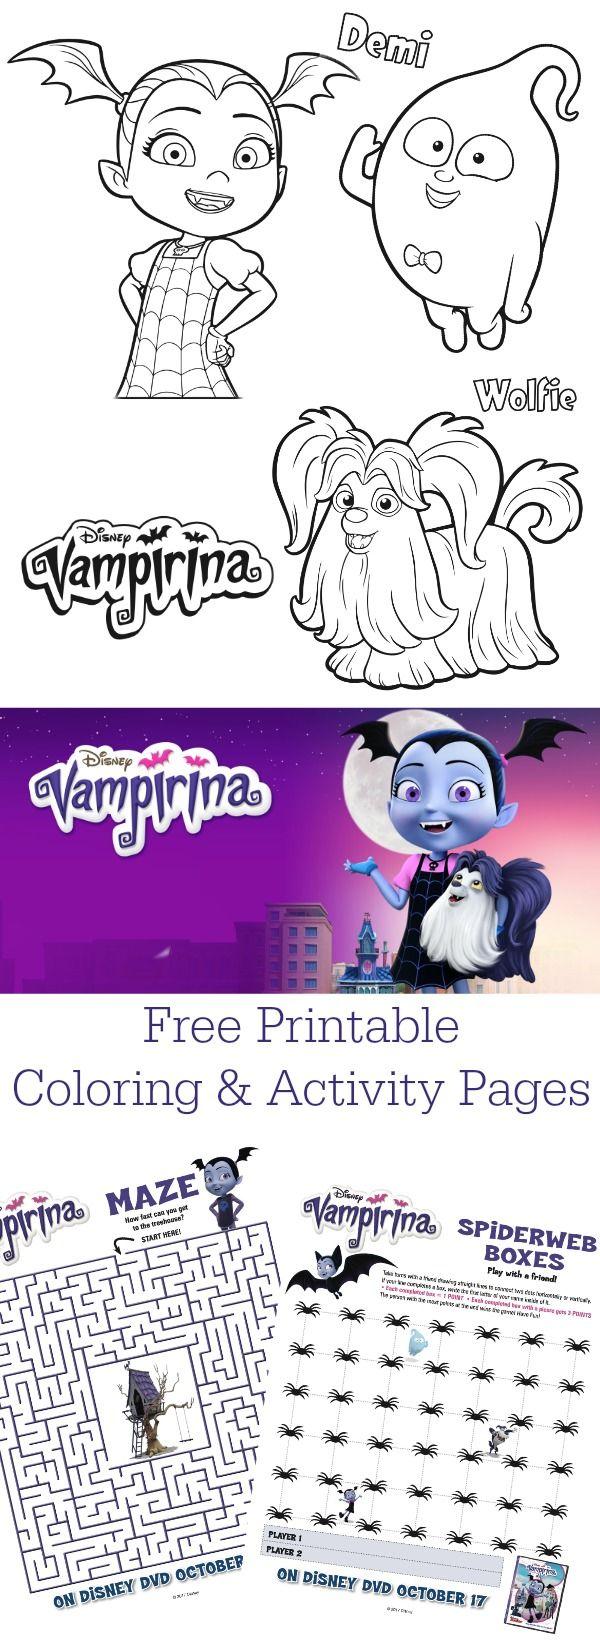 Download free printable Disney Junior Vampirina coloring ...